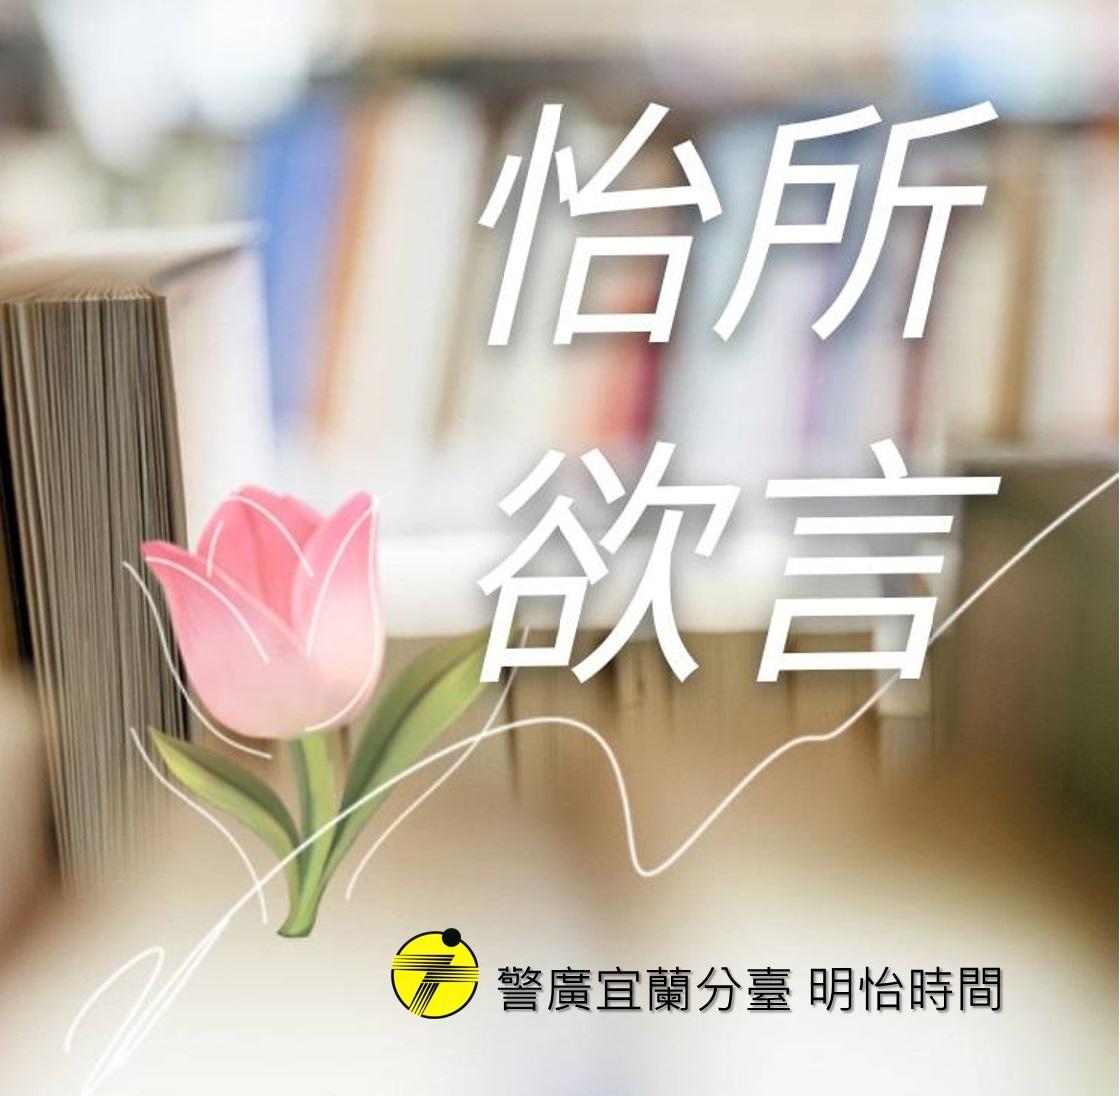 怡所欲言(一切福田不離方寸)